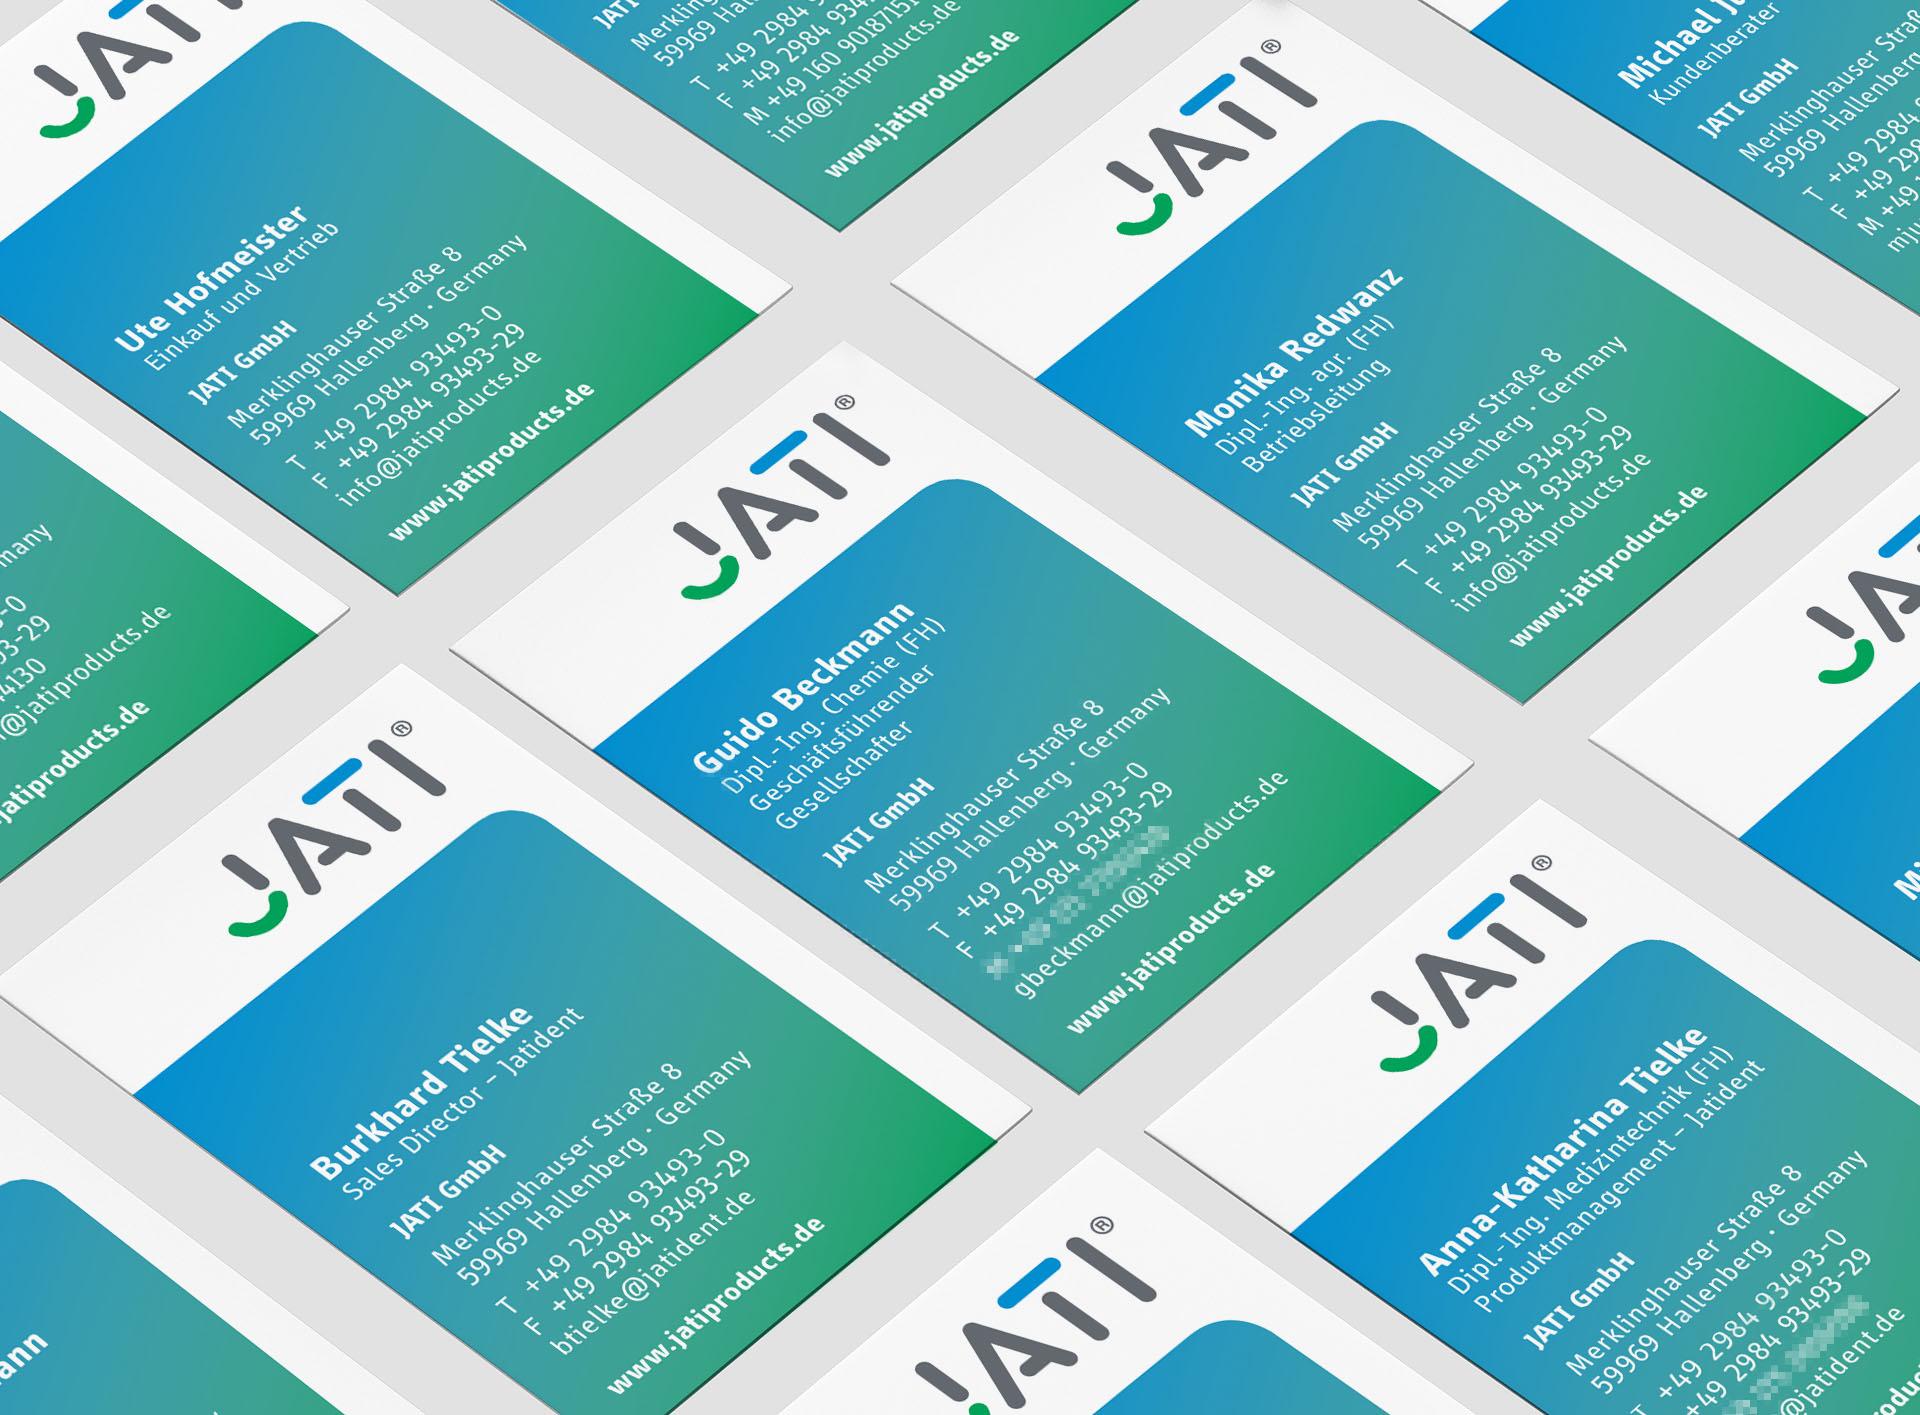 jati produktbroschuere vk - Dem Schimmel sei Dank: Ein ganz frischer Markenauftritt für JATI – Corporate Design, Logoentwicklung, Grafikdesign